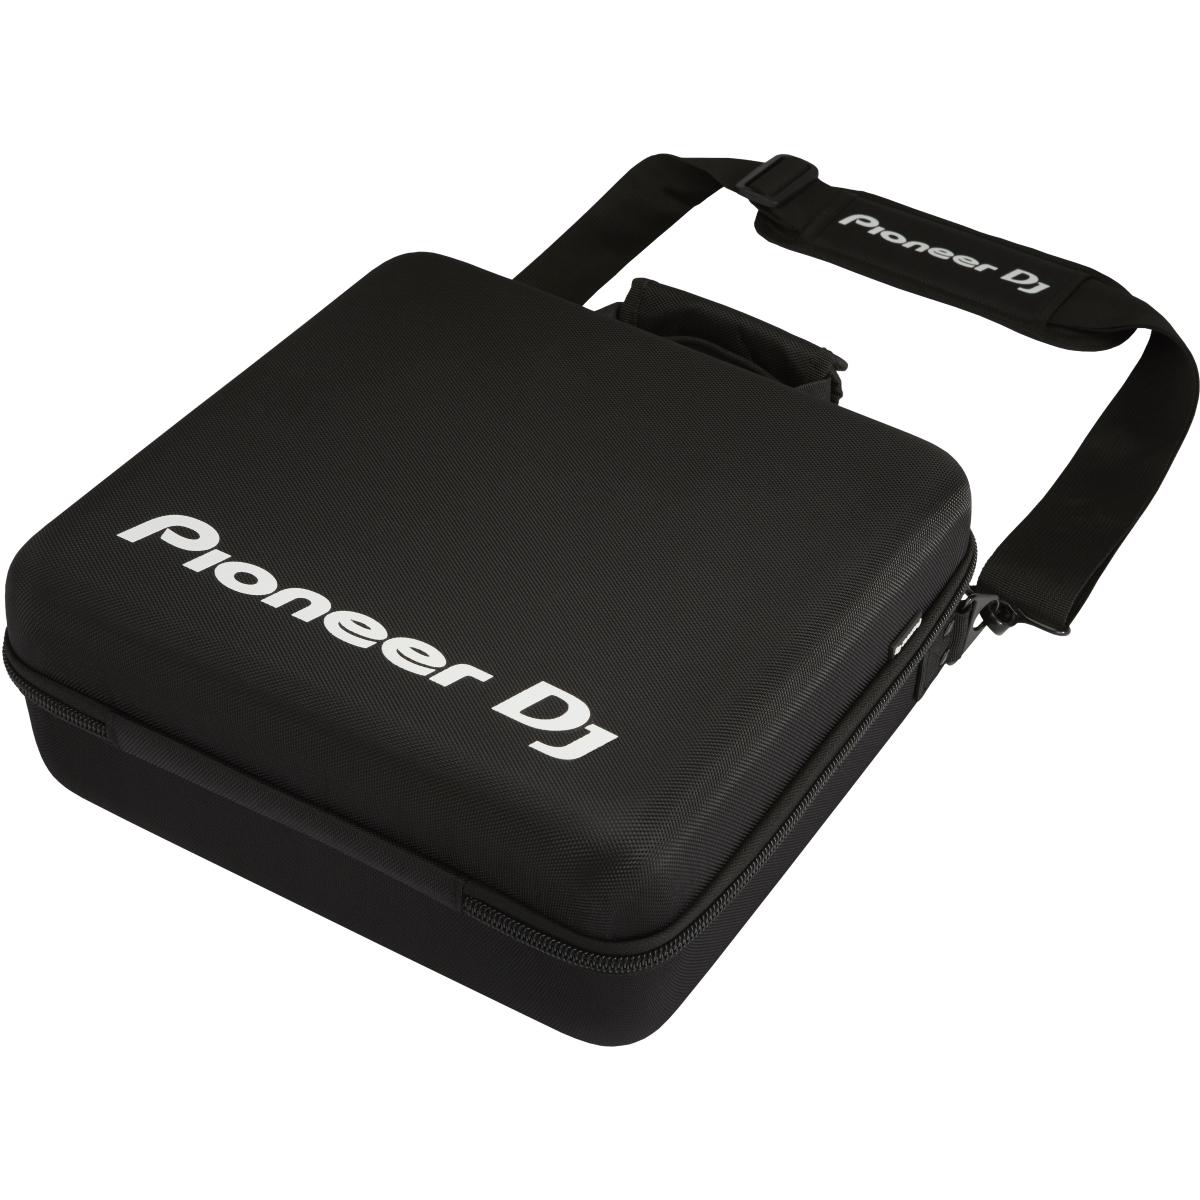 BORSA PIONEER DJC-700 PER XDJ-700